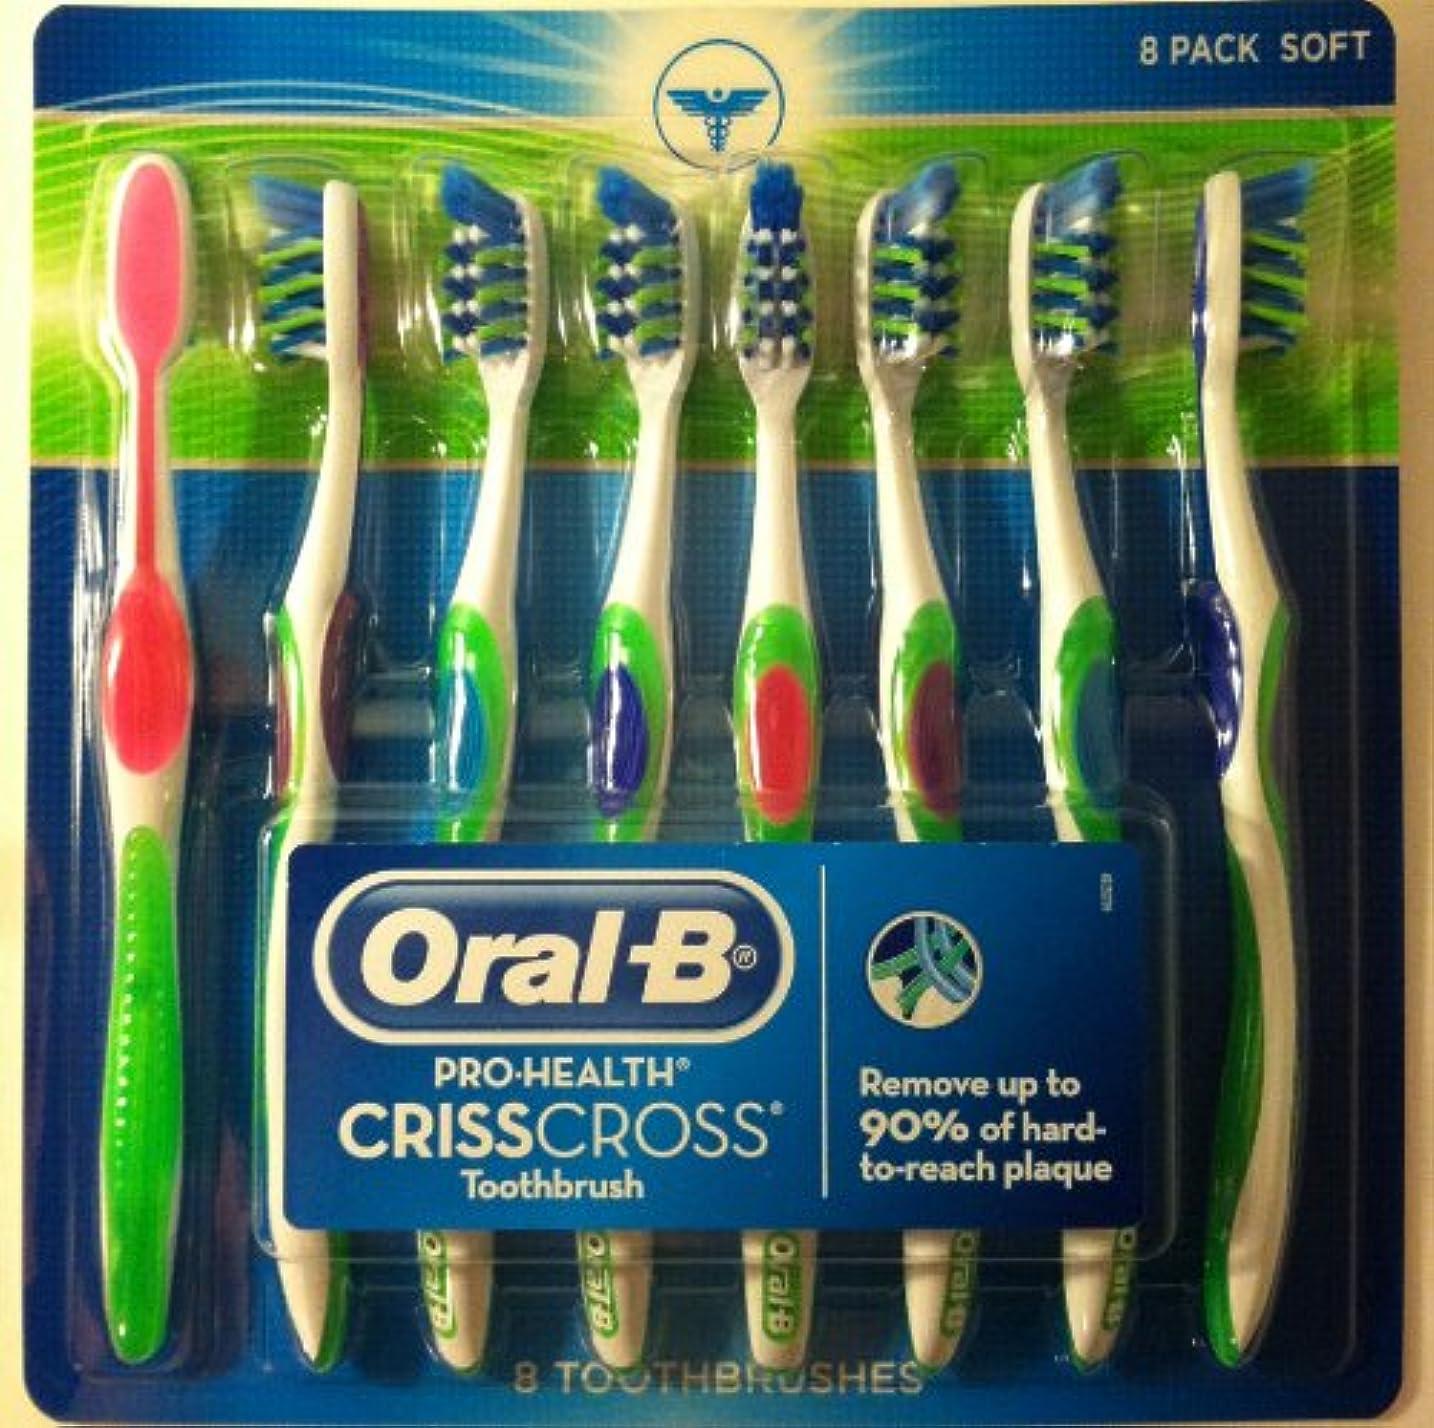 驚き哲学博士受け入れる【歯垢をかきだす歯ブラシ】ORAL B® ADVANTAGE CRISSCROSS TOOTHBRUSH - SOFT 8本 歯ブラシ